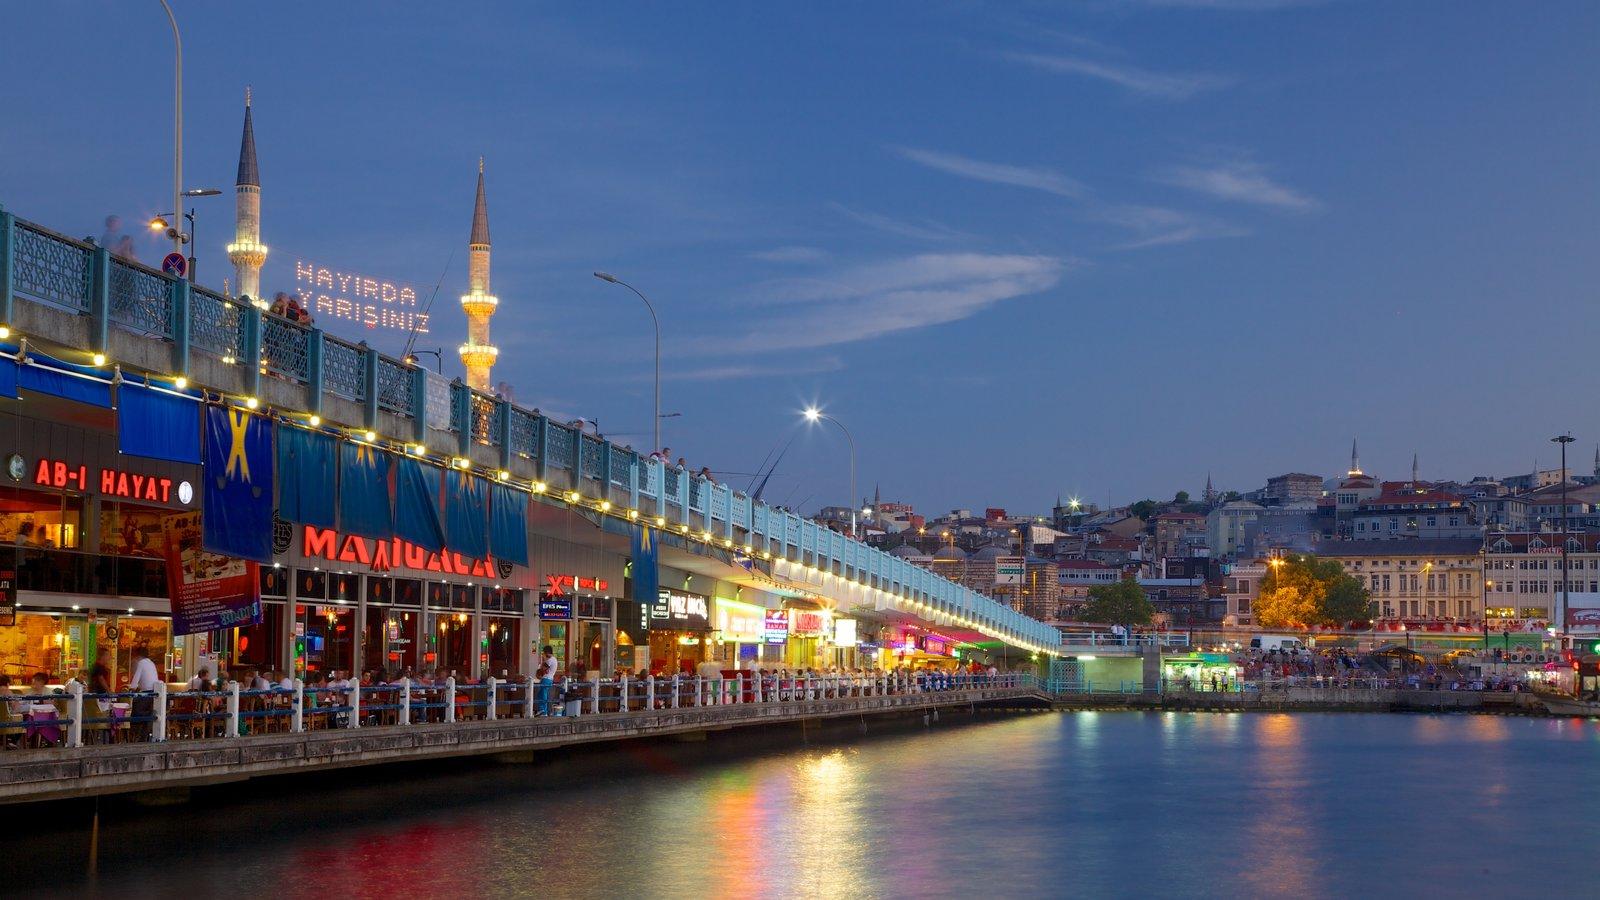 Galata Bridge which includes a river or creek, a bridge and night scenes